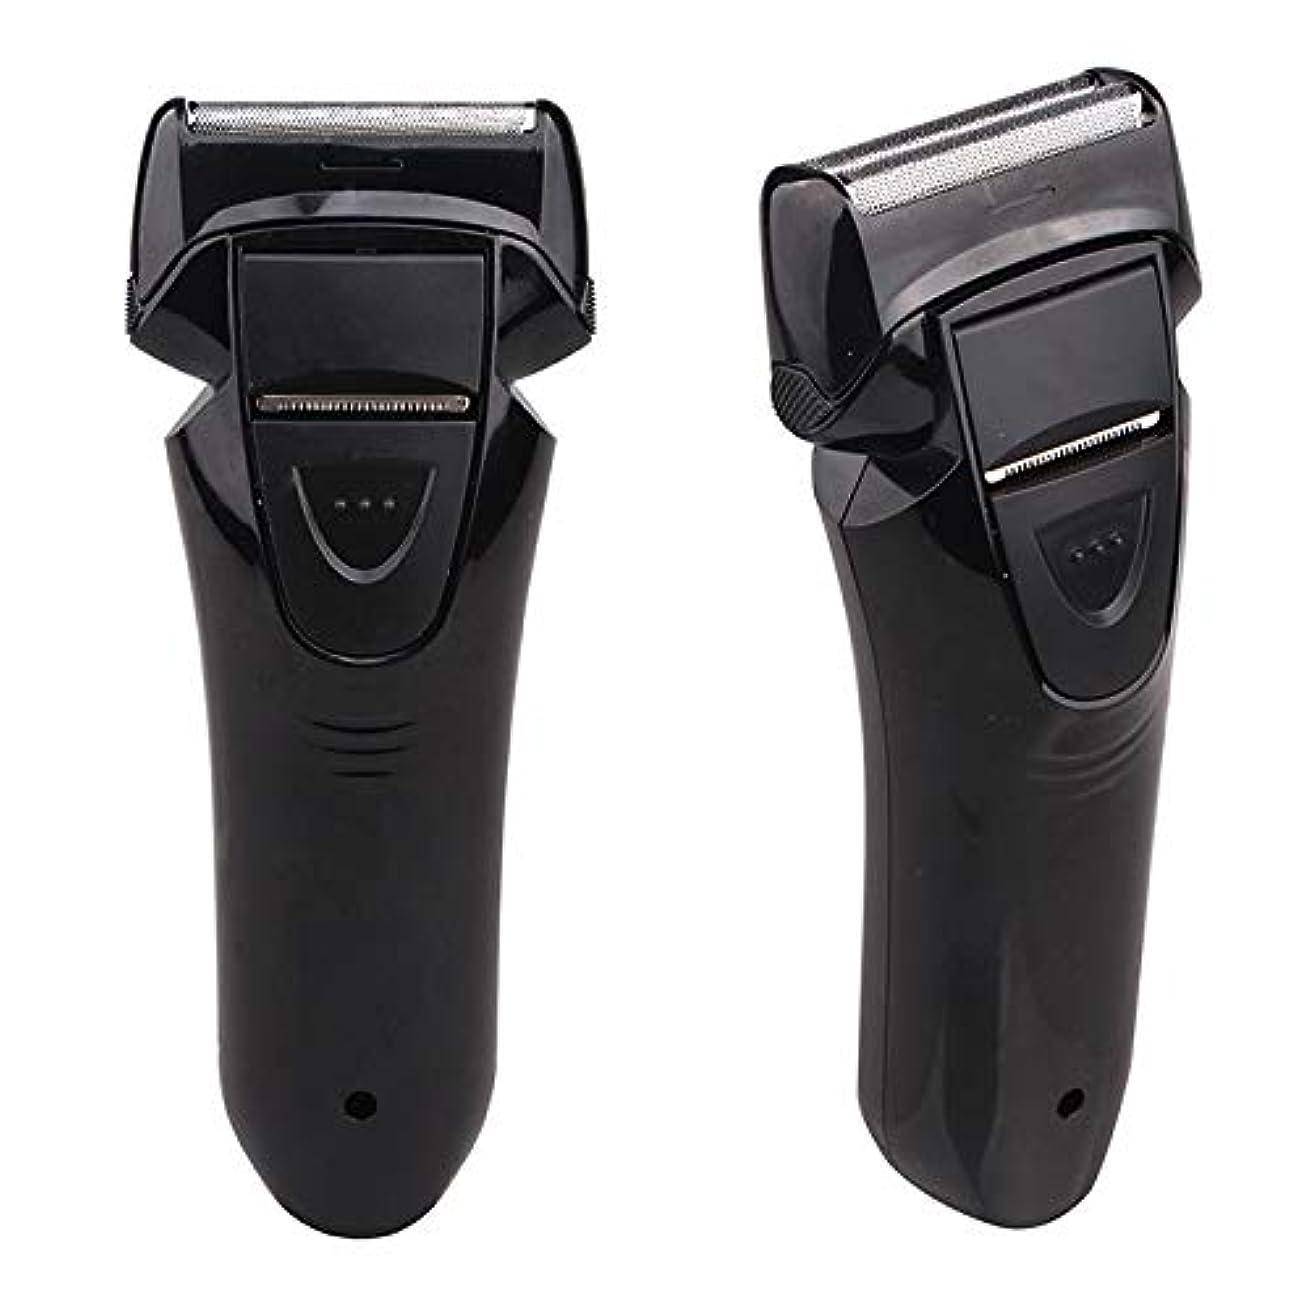 ヘッドレスエンドテーブル現像メンズシェーバー Vegetable(ベジタブル) アダプター&USB充電式2枚刃シェーバー GD-S206